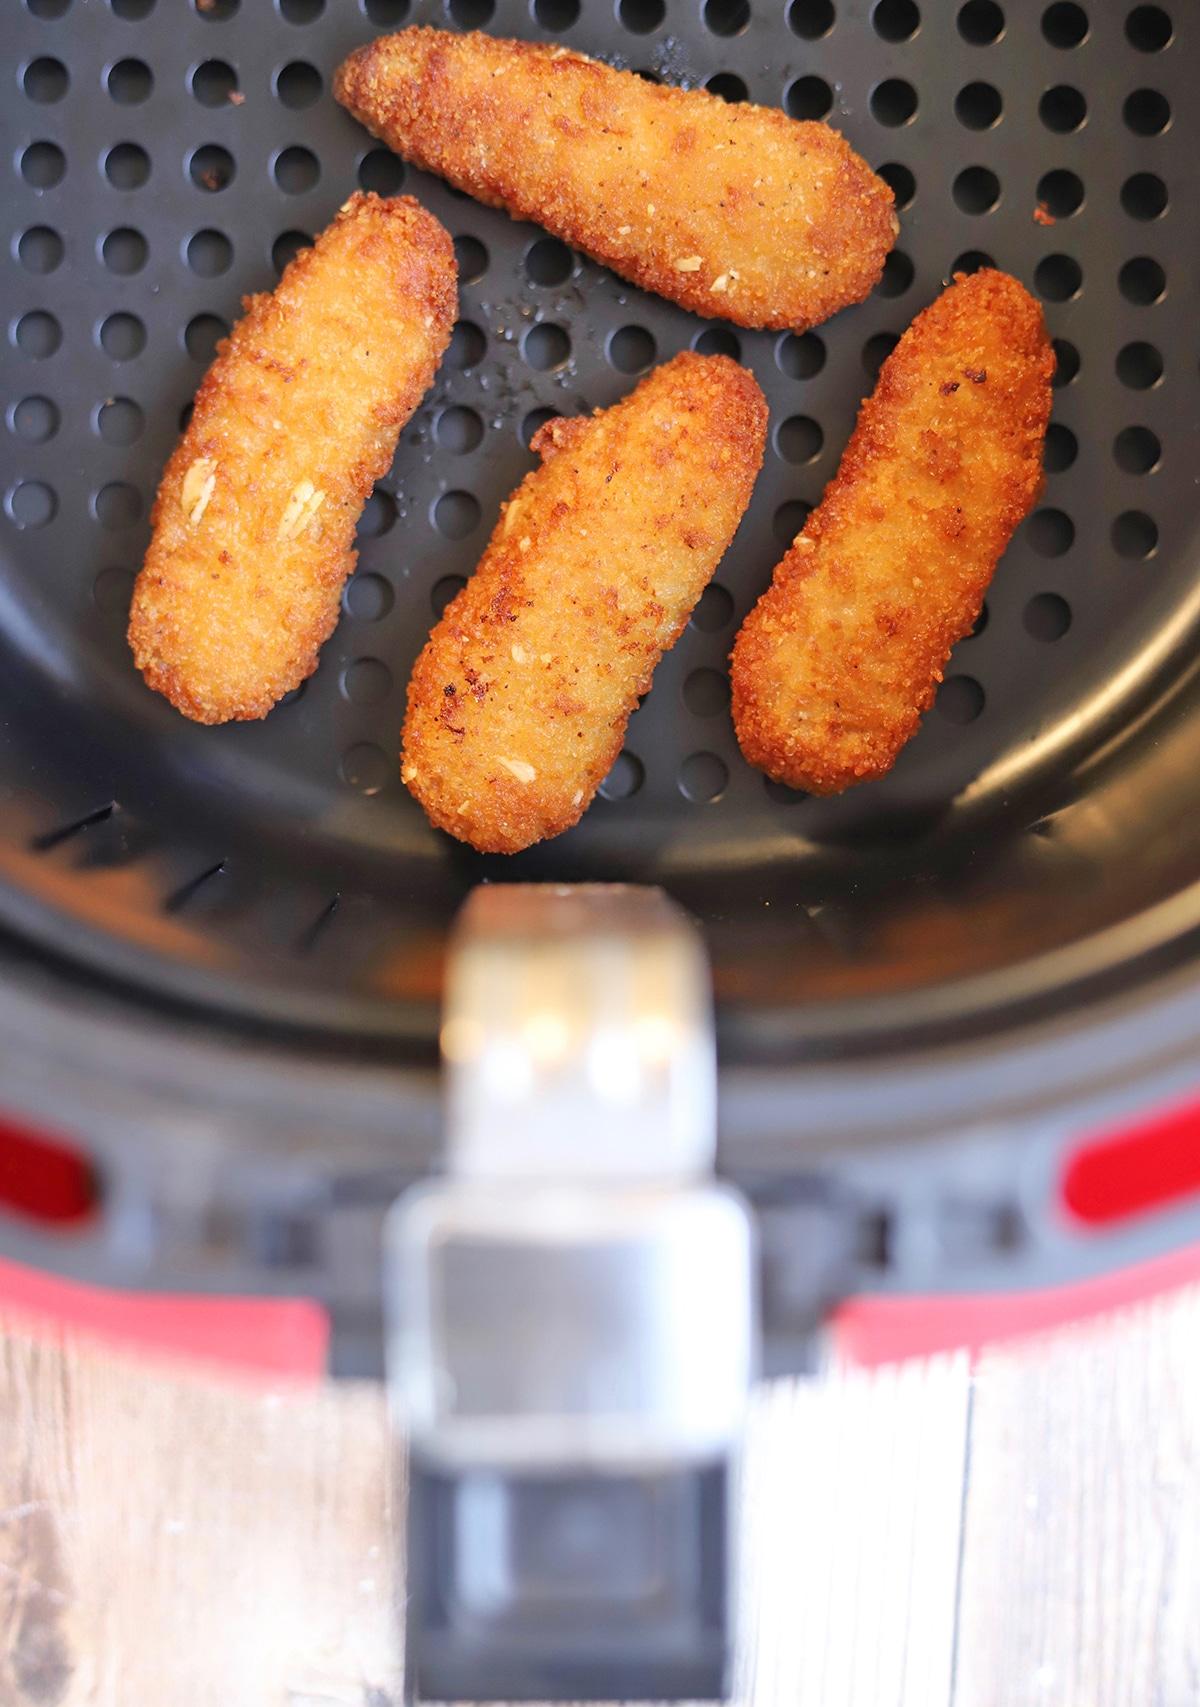 Trader Joe's chickenless strips in air fryer basket.